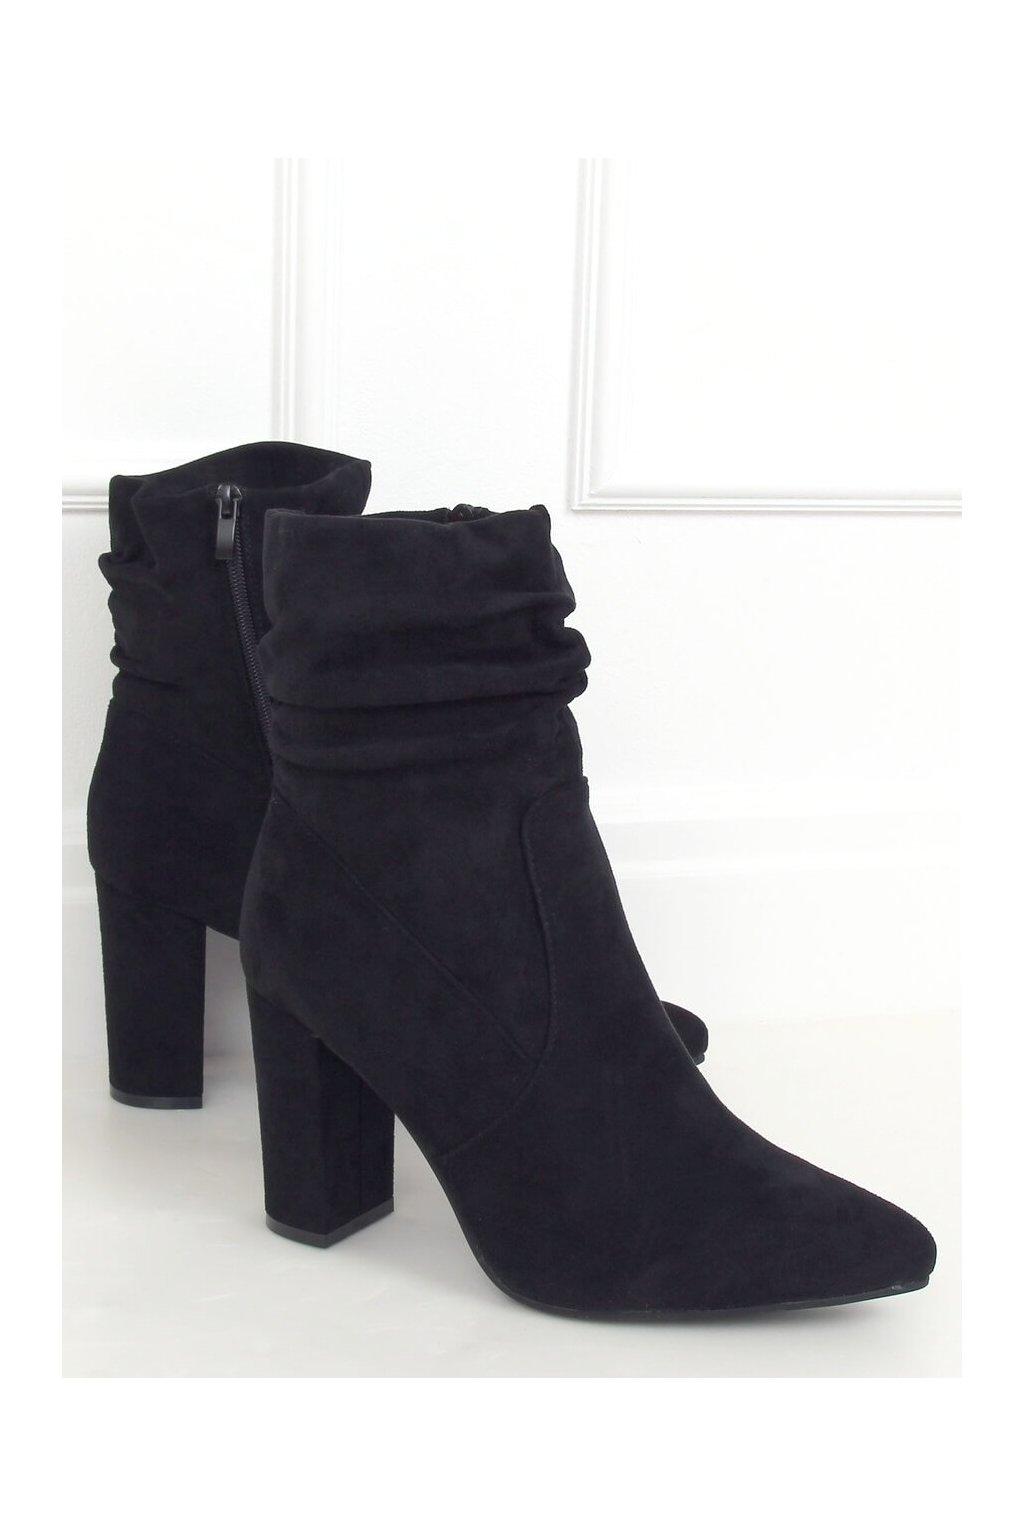 Dámske členkové topánky čierne na stĺpovom podpätku WS005